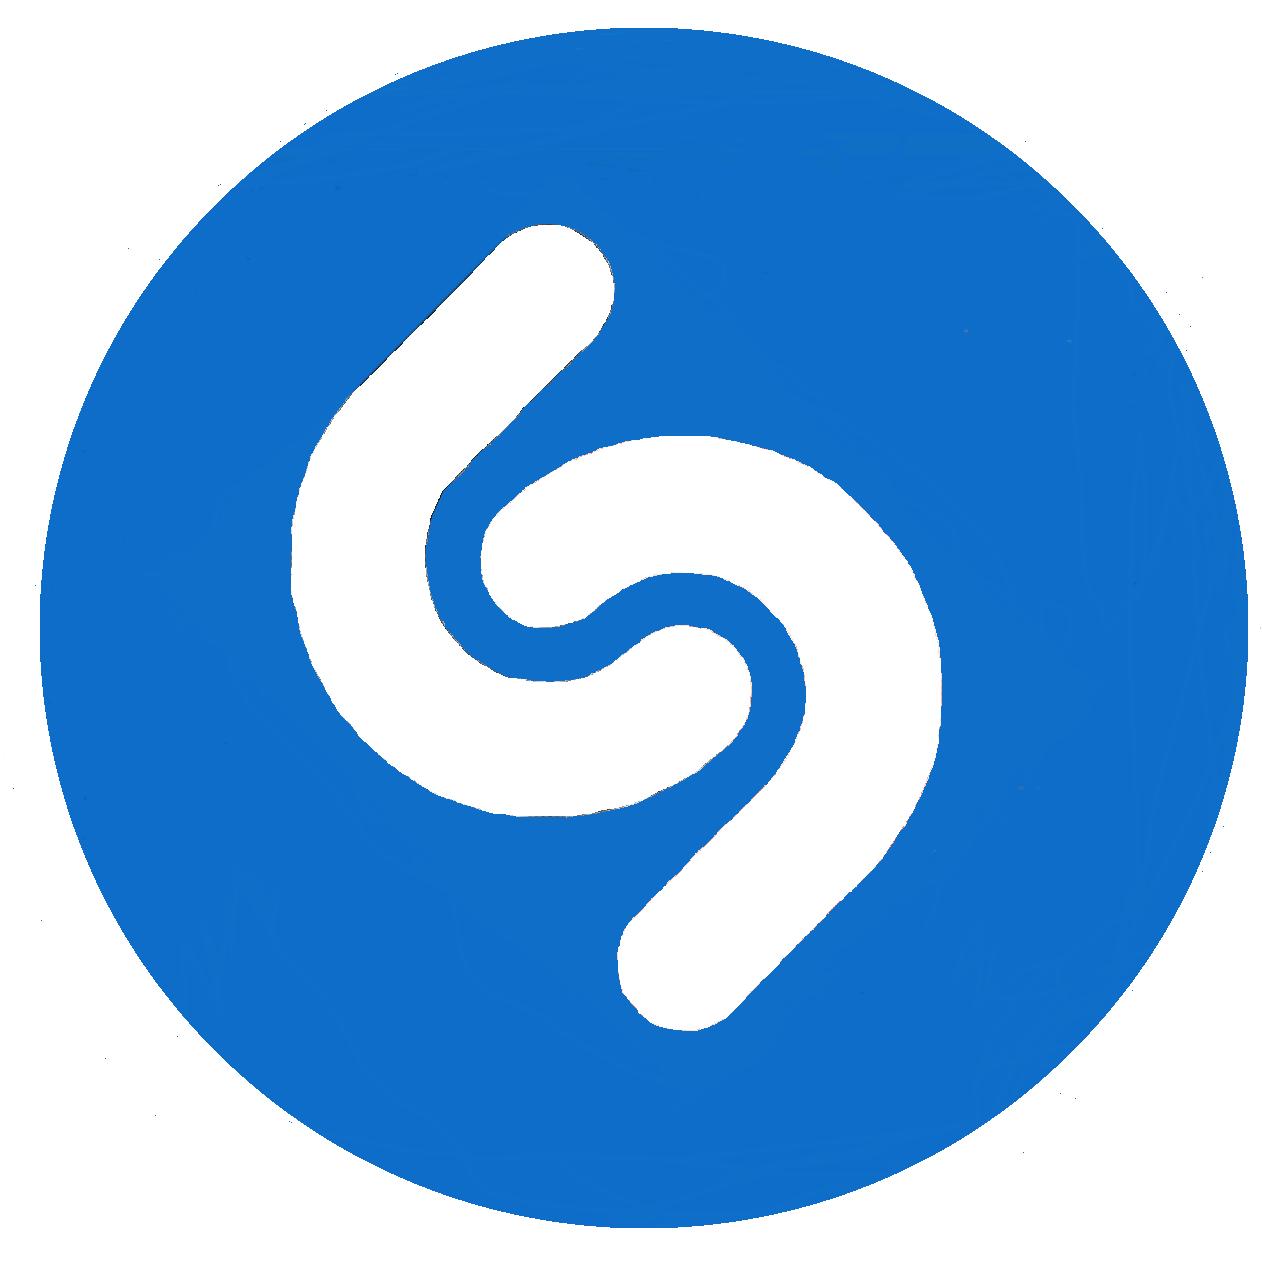 喜马拉雅FM提供海量有声内容 喜马拉雅电台是中国知名的音频分享平台,海量内容包括有声书,相声段子,音乐,新闻,综艺娱乐、儿童、情感生活、评书、外语、培训讲座、百家讲坛、广播剧、历史人文、电台、商业财经、IT科技、健康养生、校园电台、汽车、旅游、电影、游戏等20多个分类,上千万条声音。喜马拉雅App是最受欢迎的听书类软件,长期雄踞苹果图书榜第一,是时下最火的网络电台,听书听催眠音乐,让你随时随地,听我想听!